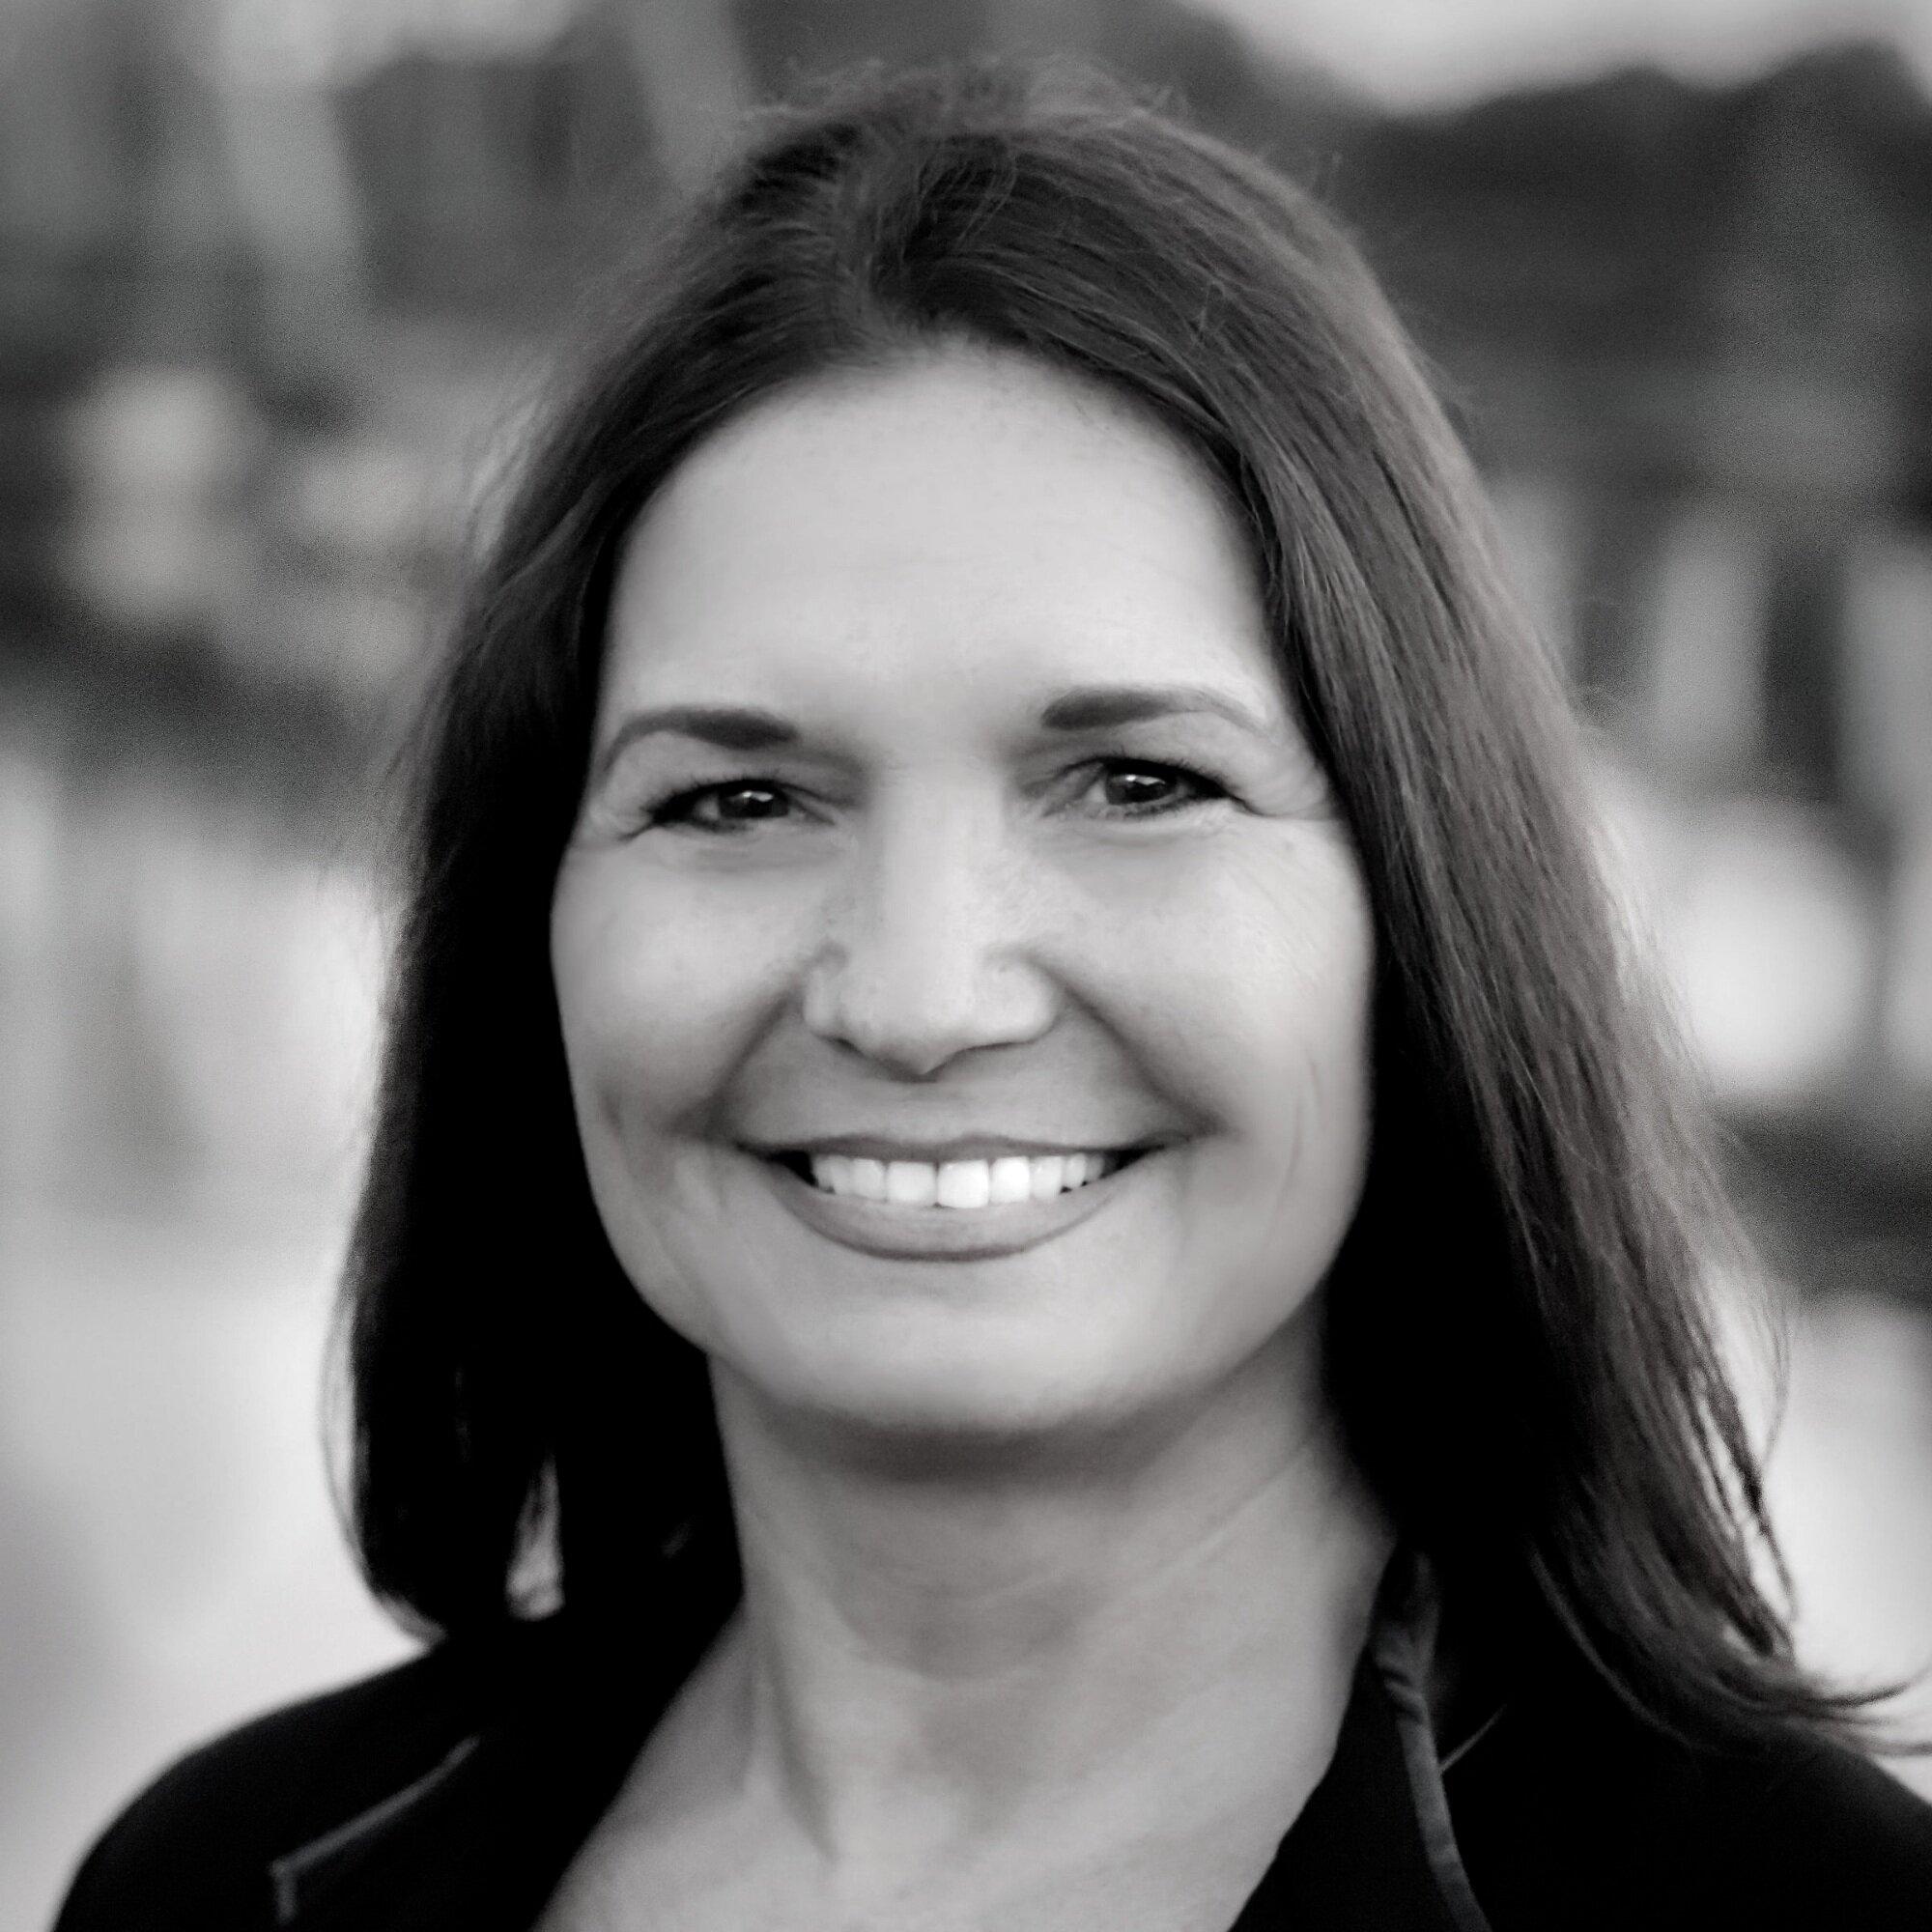 Dana Snyder: Sponsorships